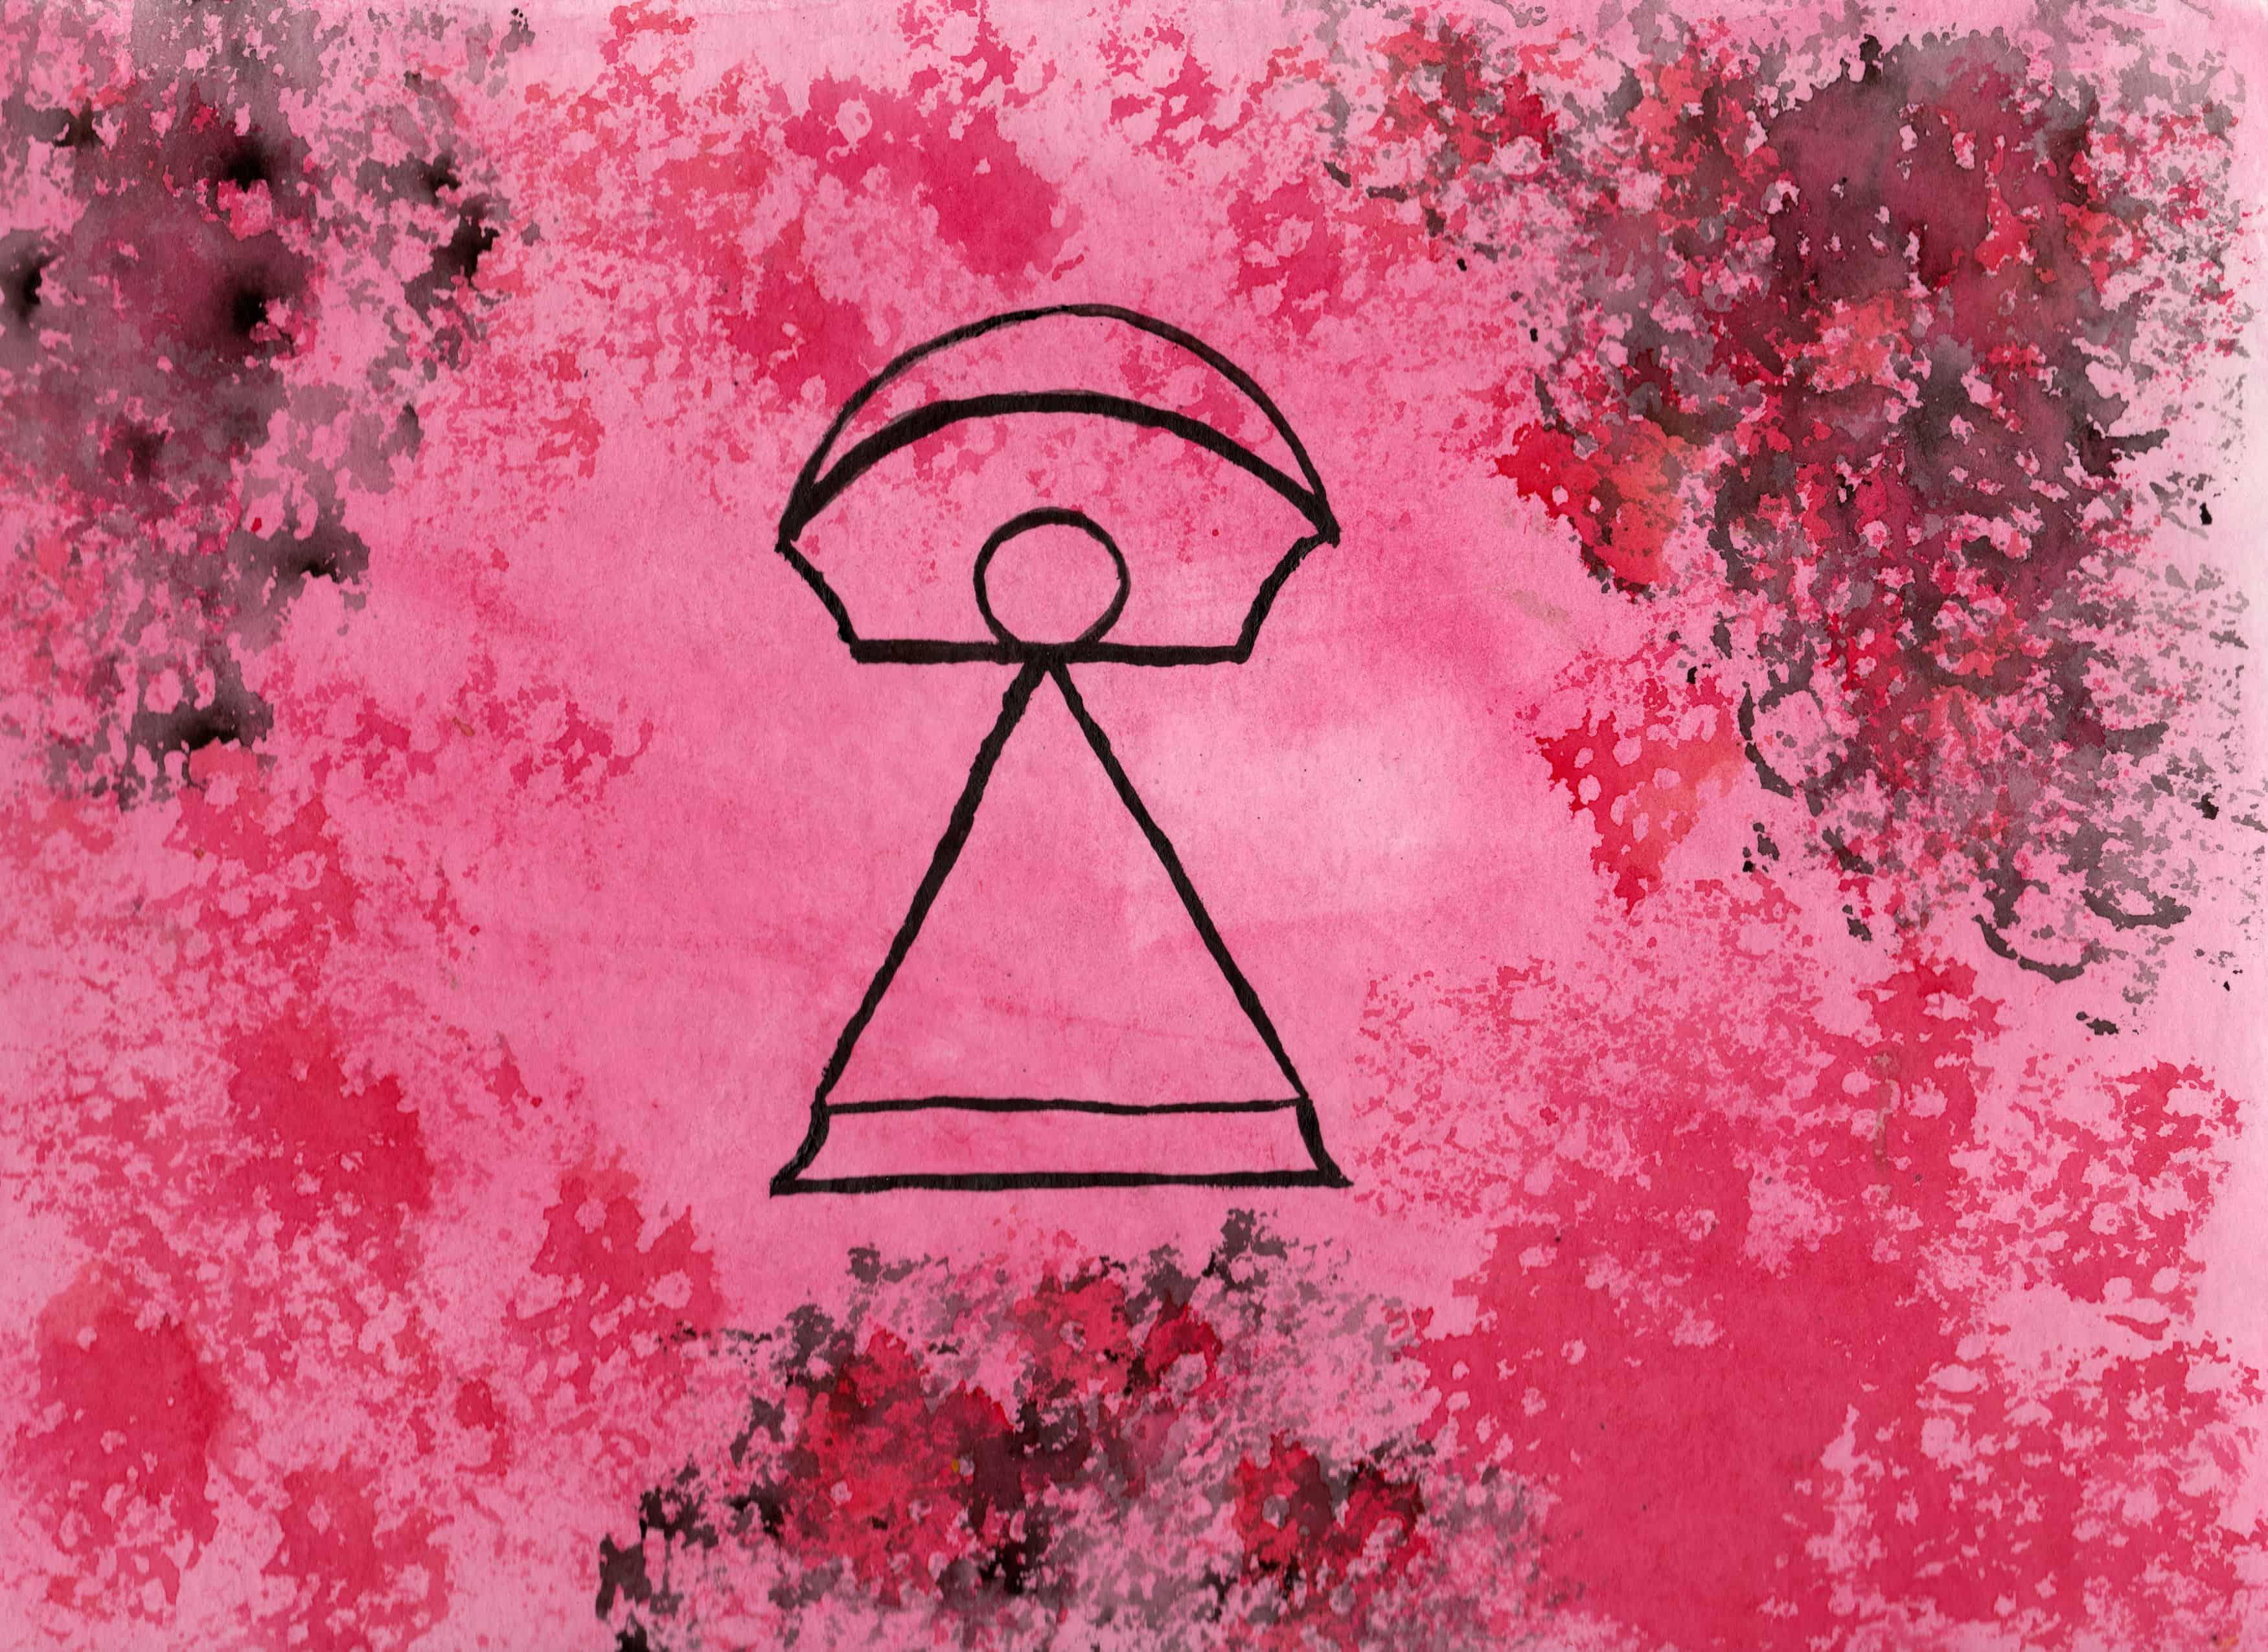 Tanit - 100 Sacred Symbols in Watercolour by Linda Ursin